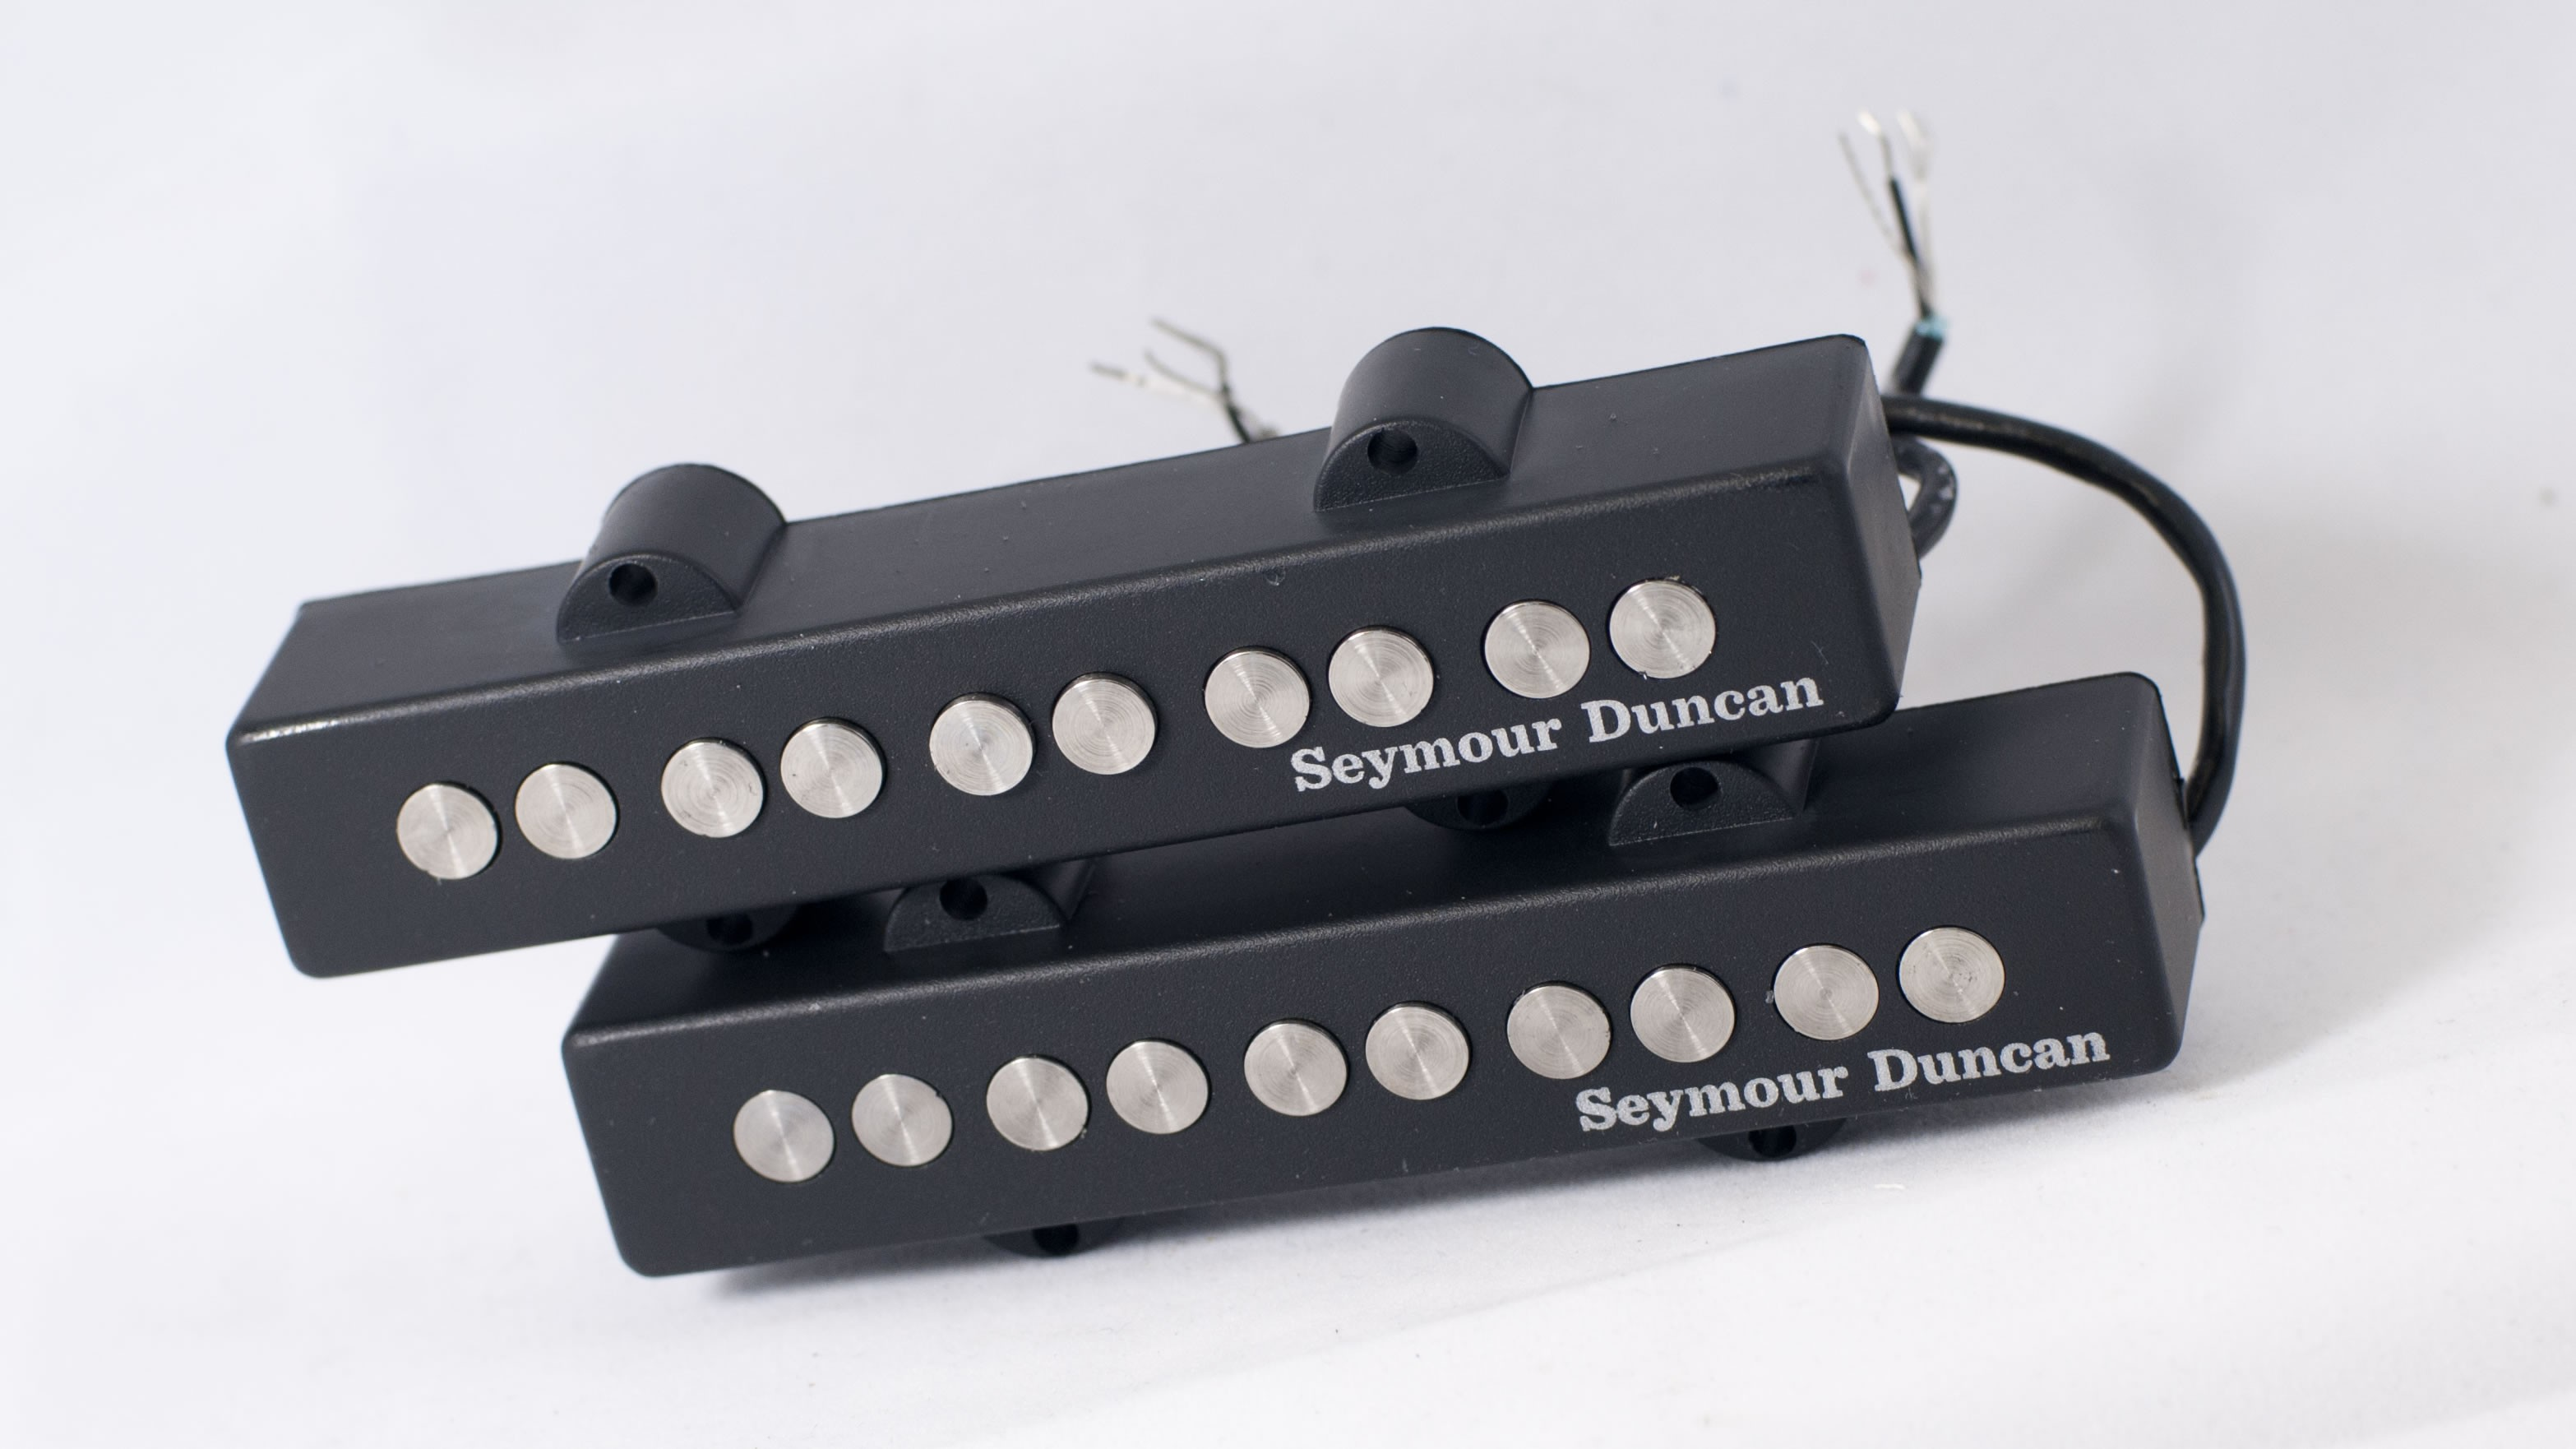 Seymour Duncan Sj5 Single Coil Pickups